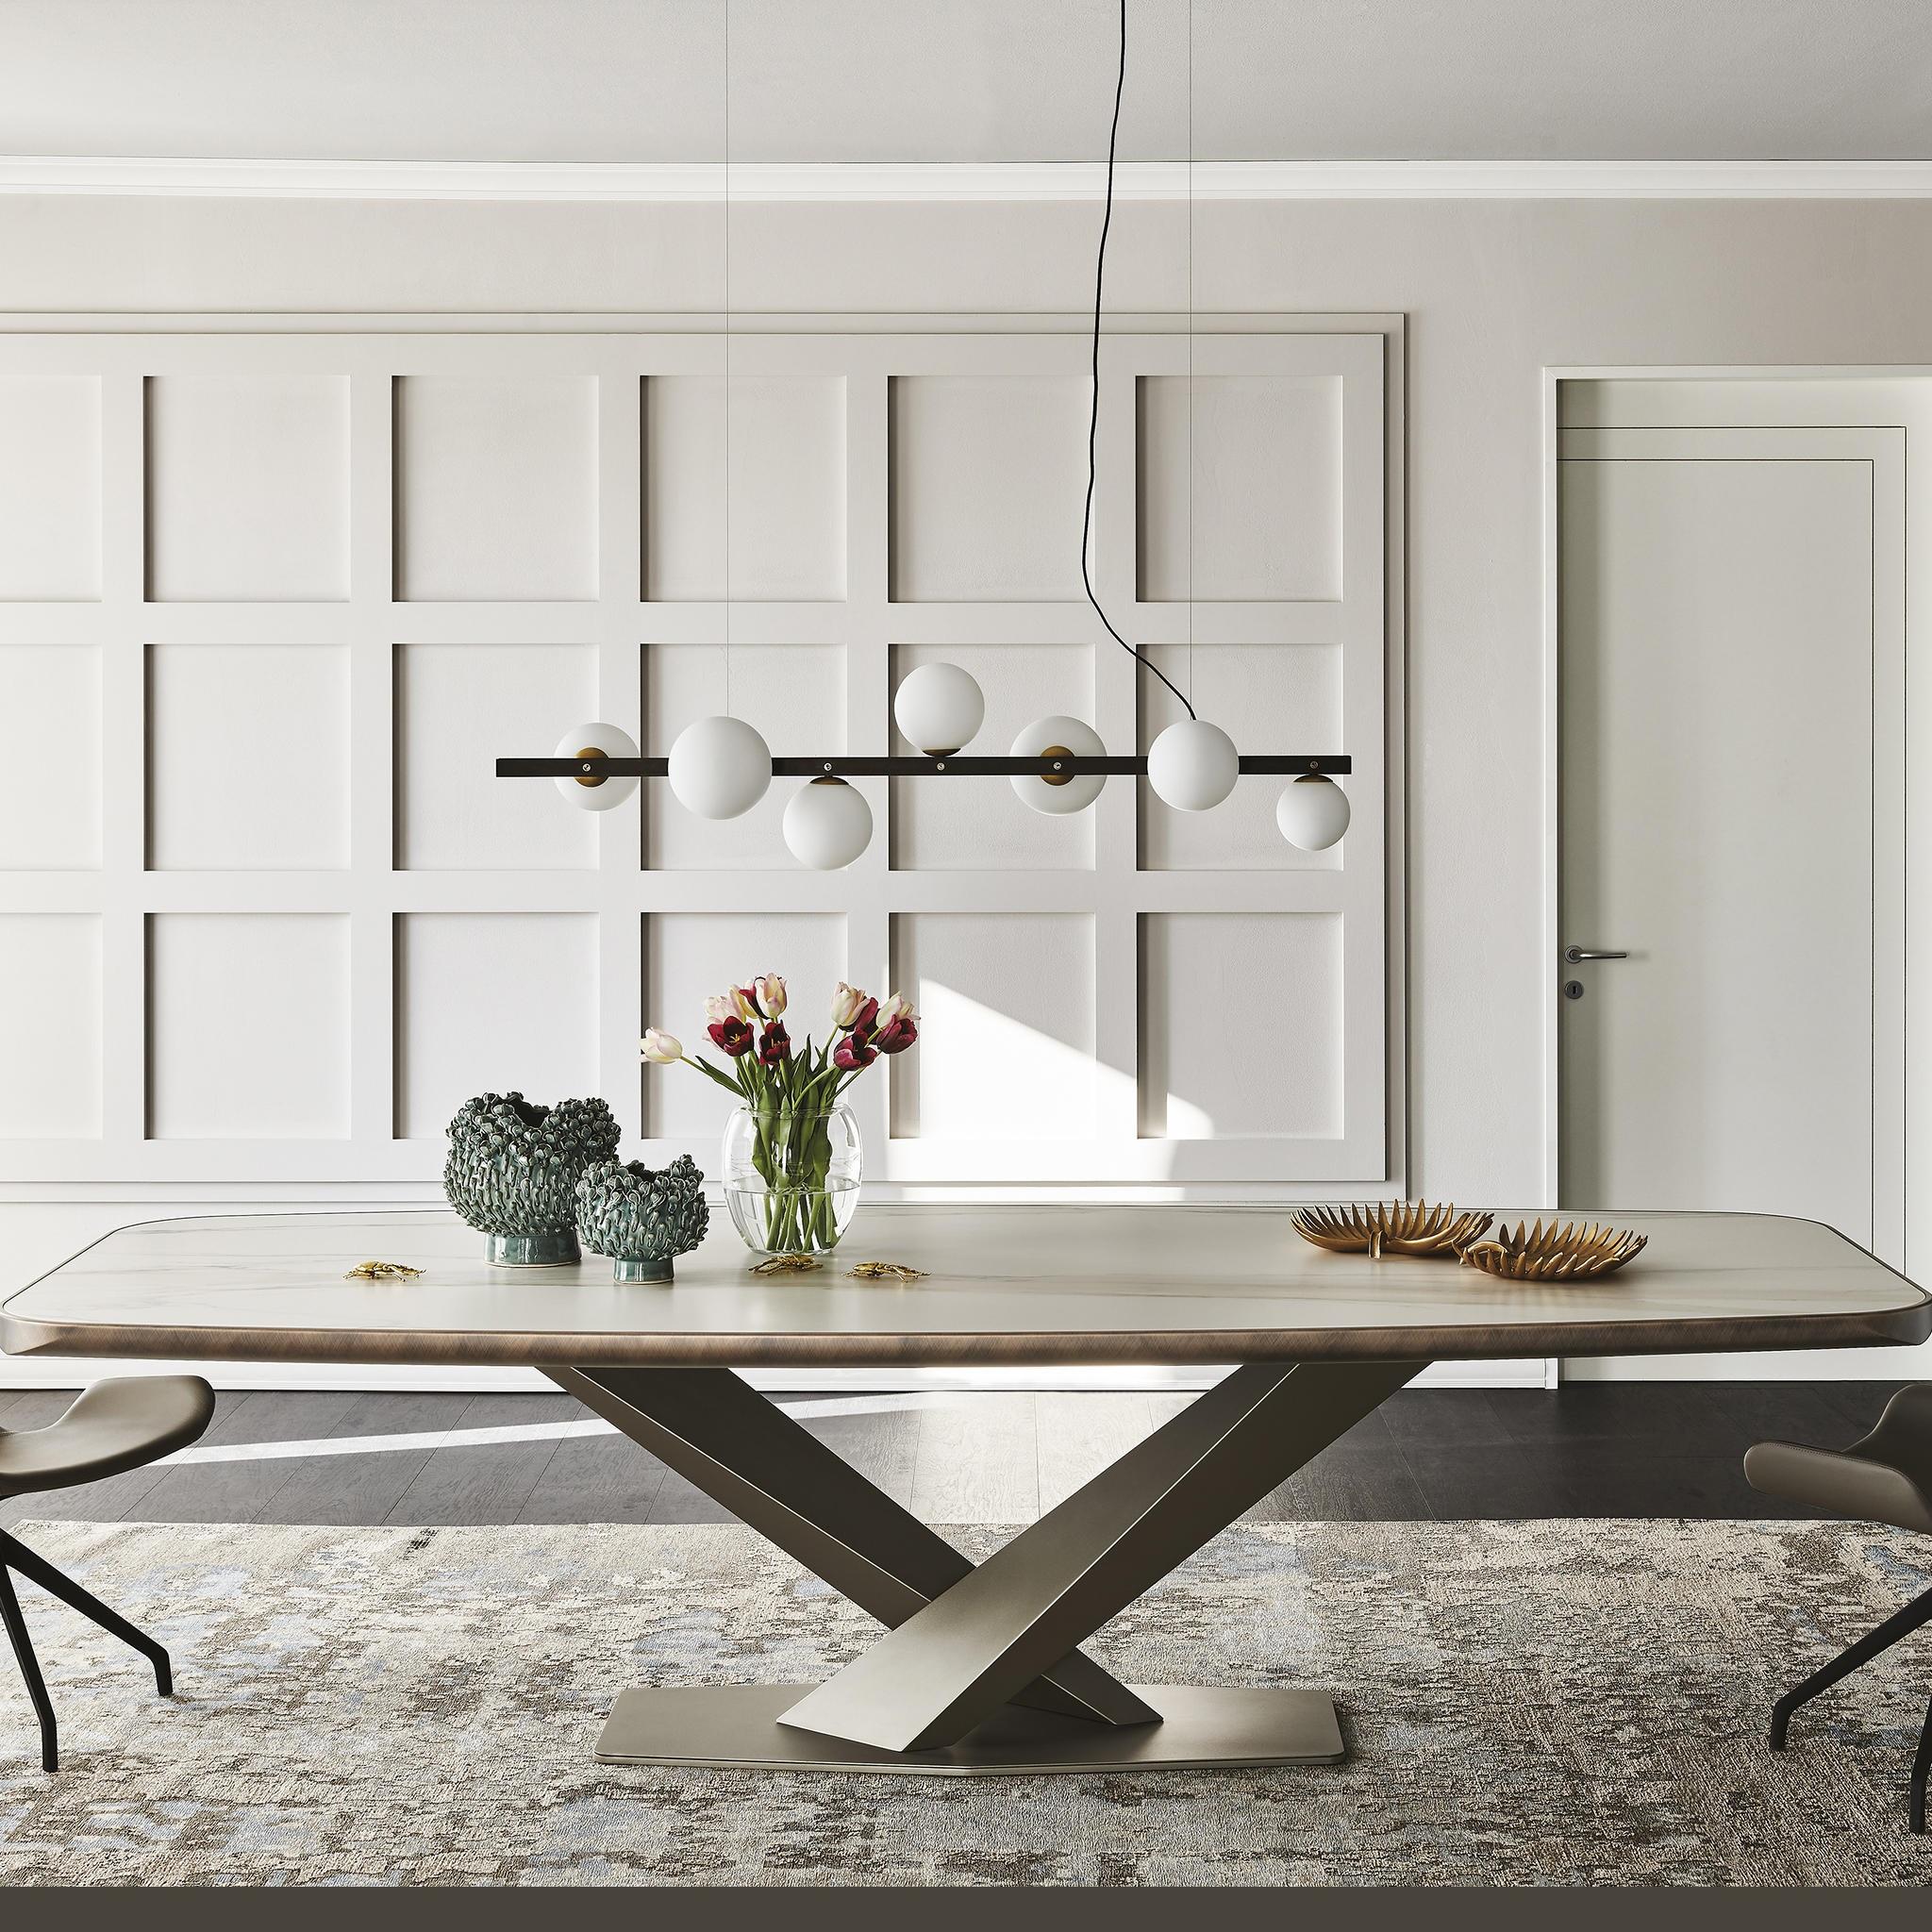 Stratos Premium dining table